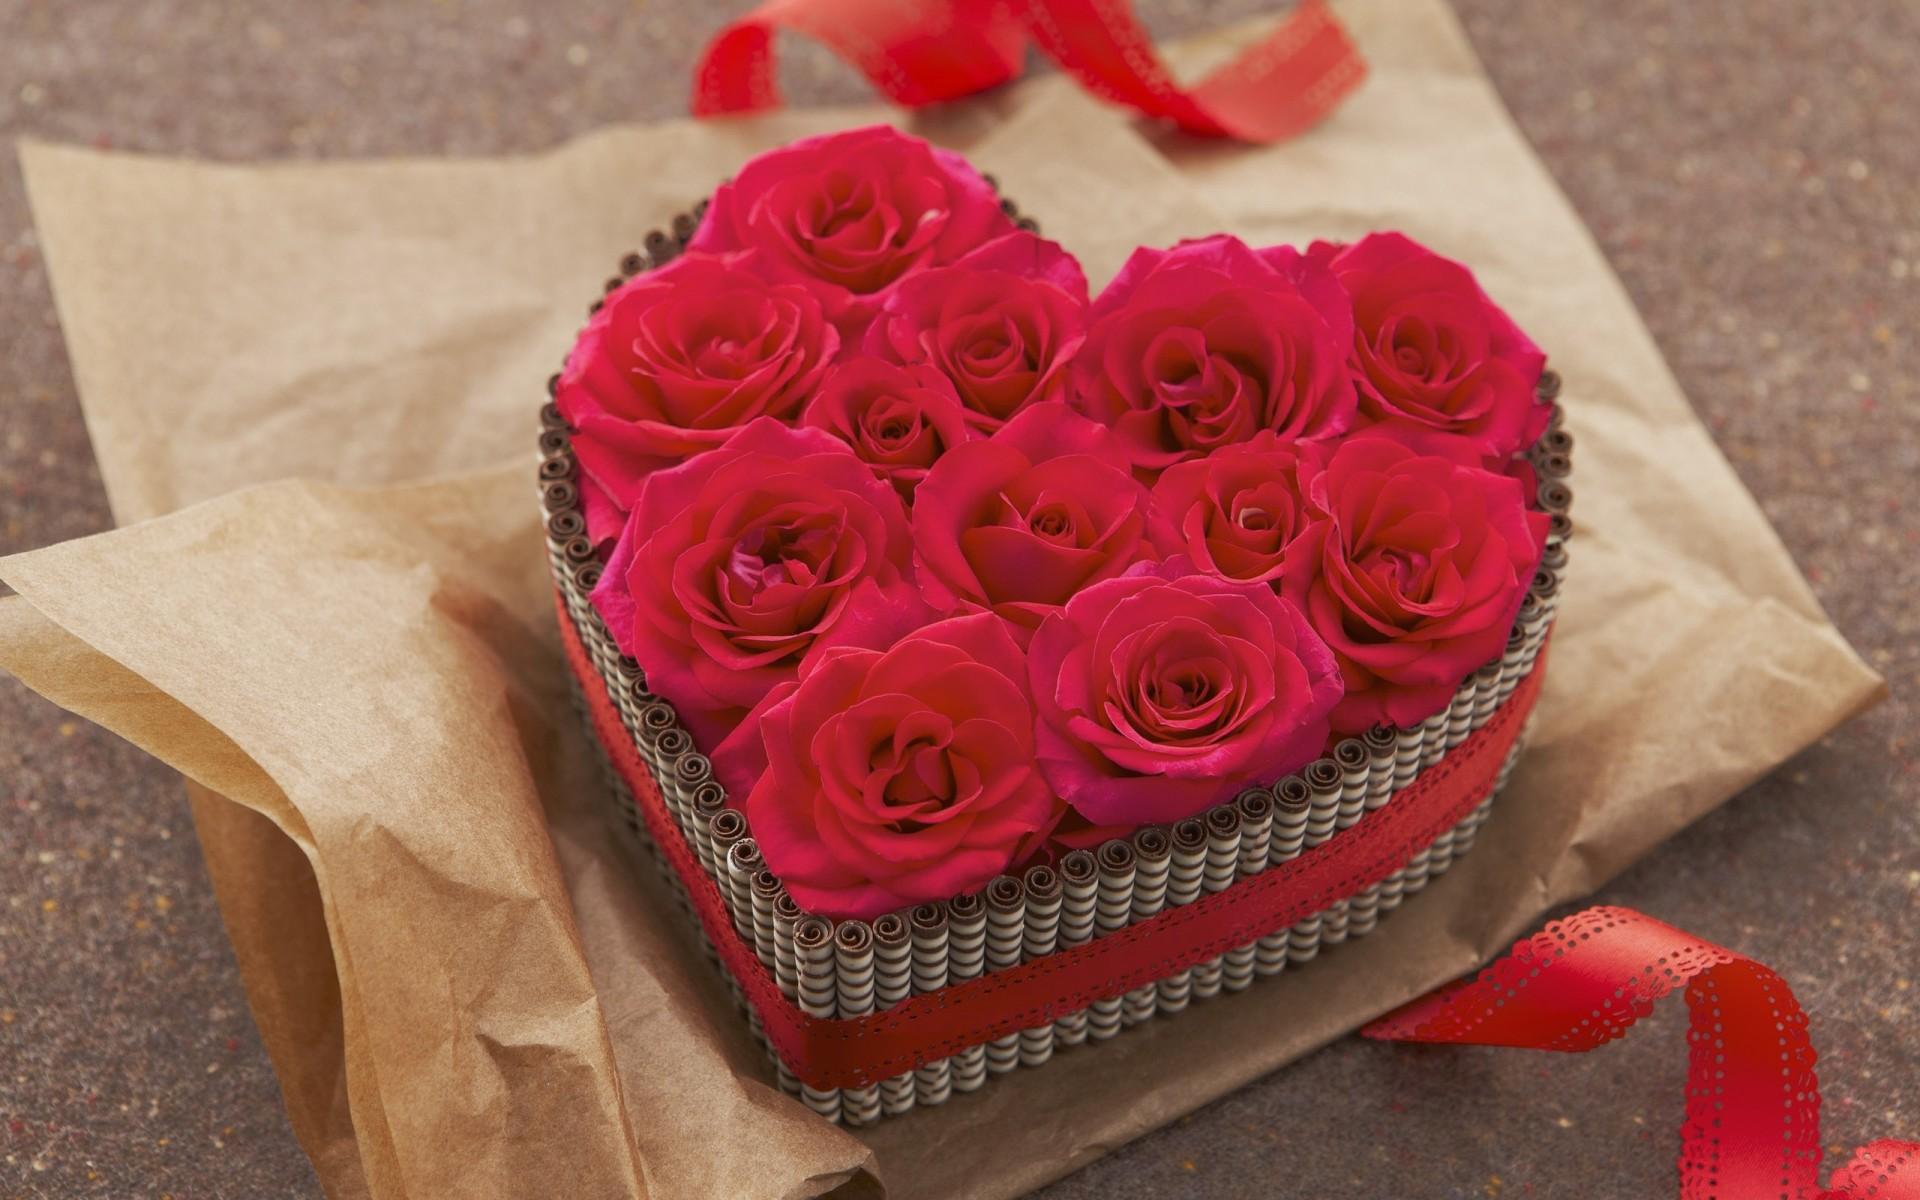 Самые красивые подарки для девушек фото